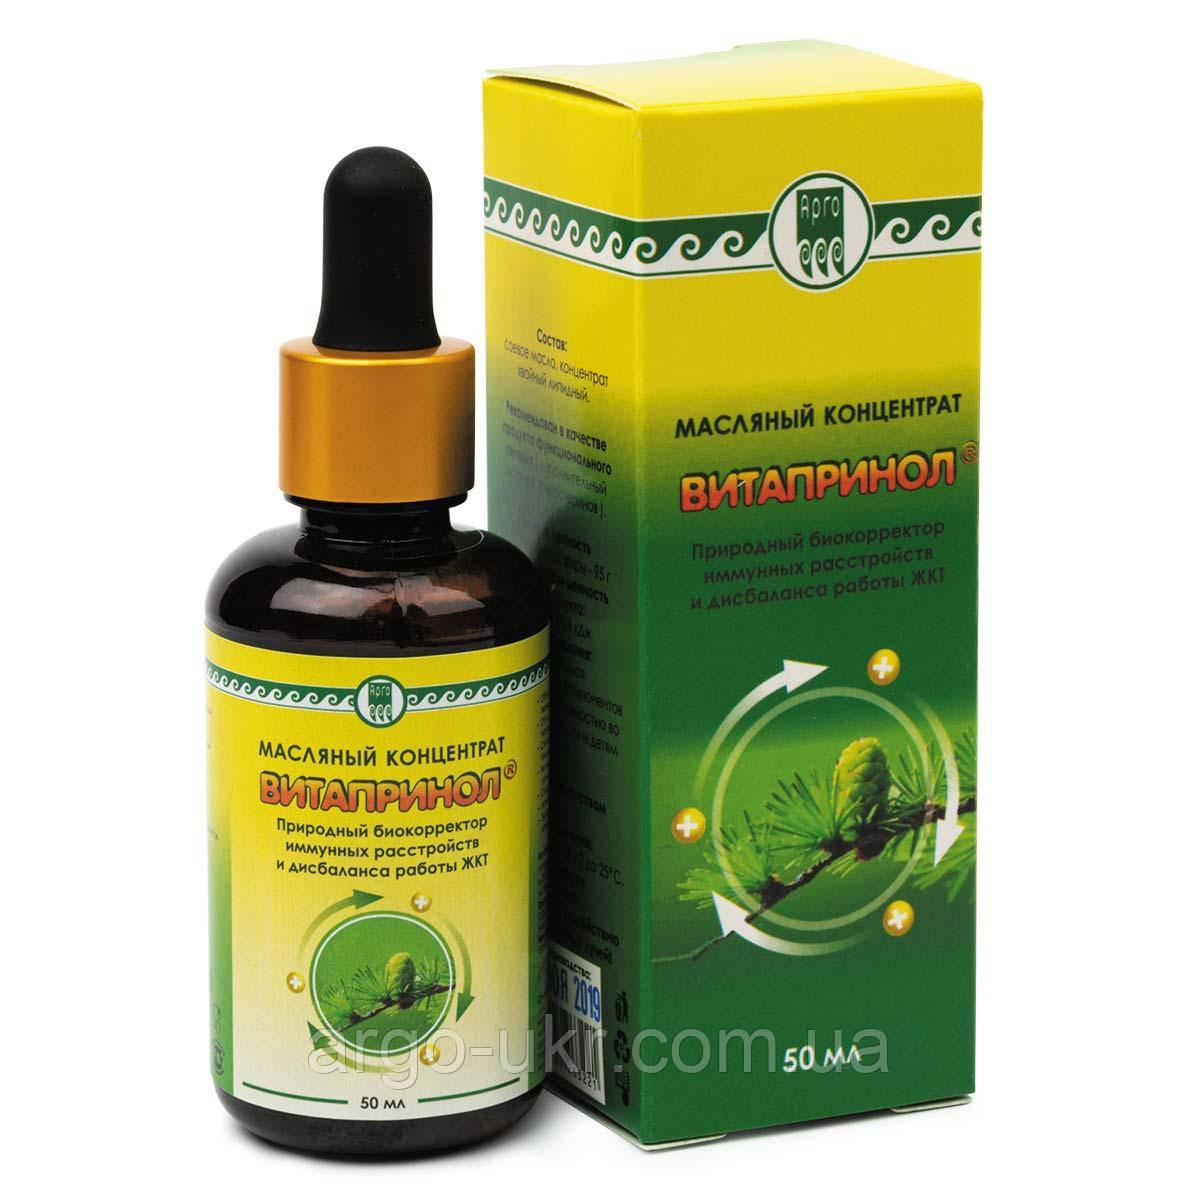 Витапринол 50 мл концентрат хвої (для шкіри, дерматит, нейродерміт, екзема, вугровий висип, прищі, загоєння)